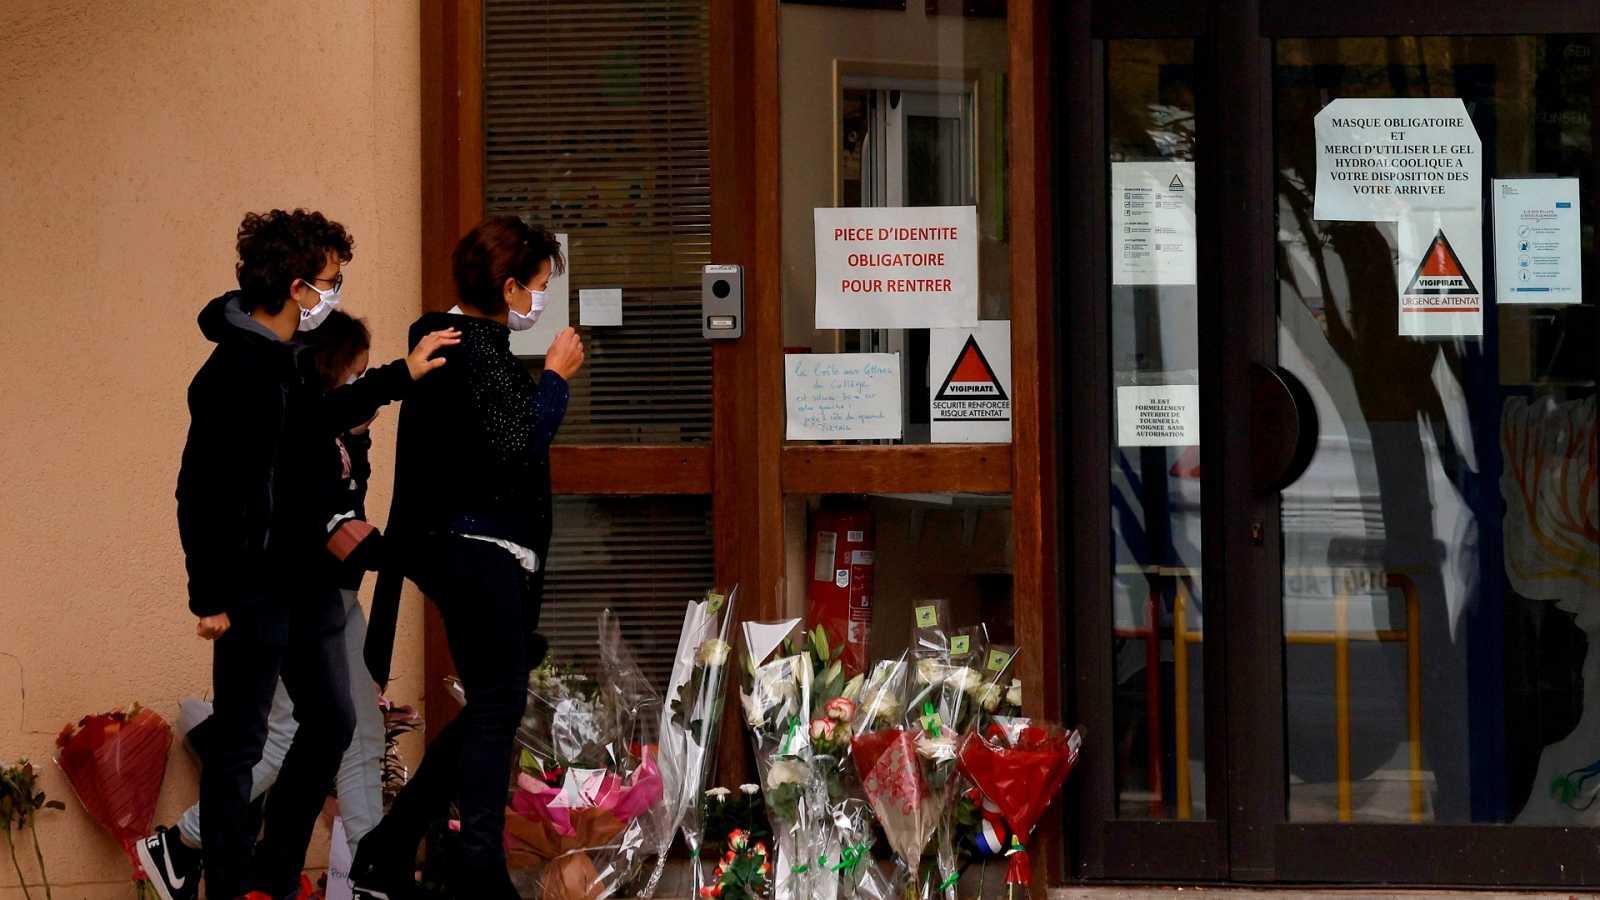 Vista de la facha de la escuela donde trabajaba el profesor decapitado en Francia